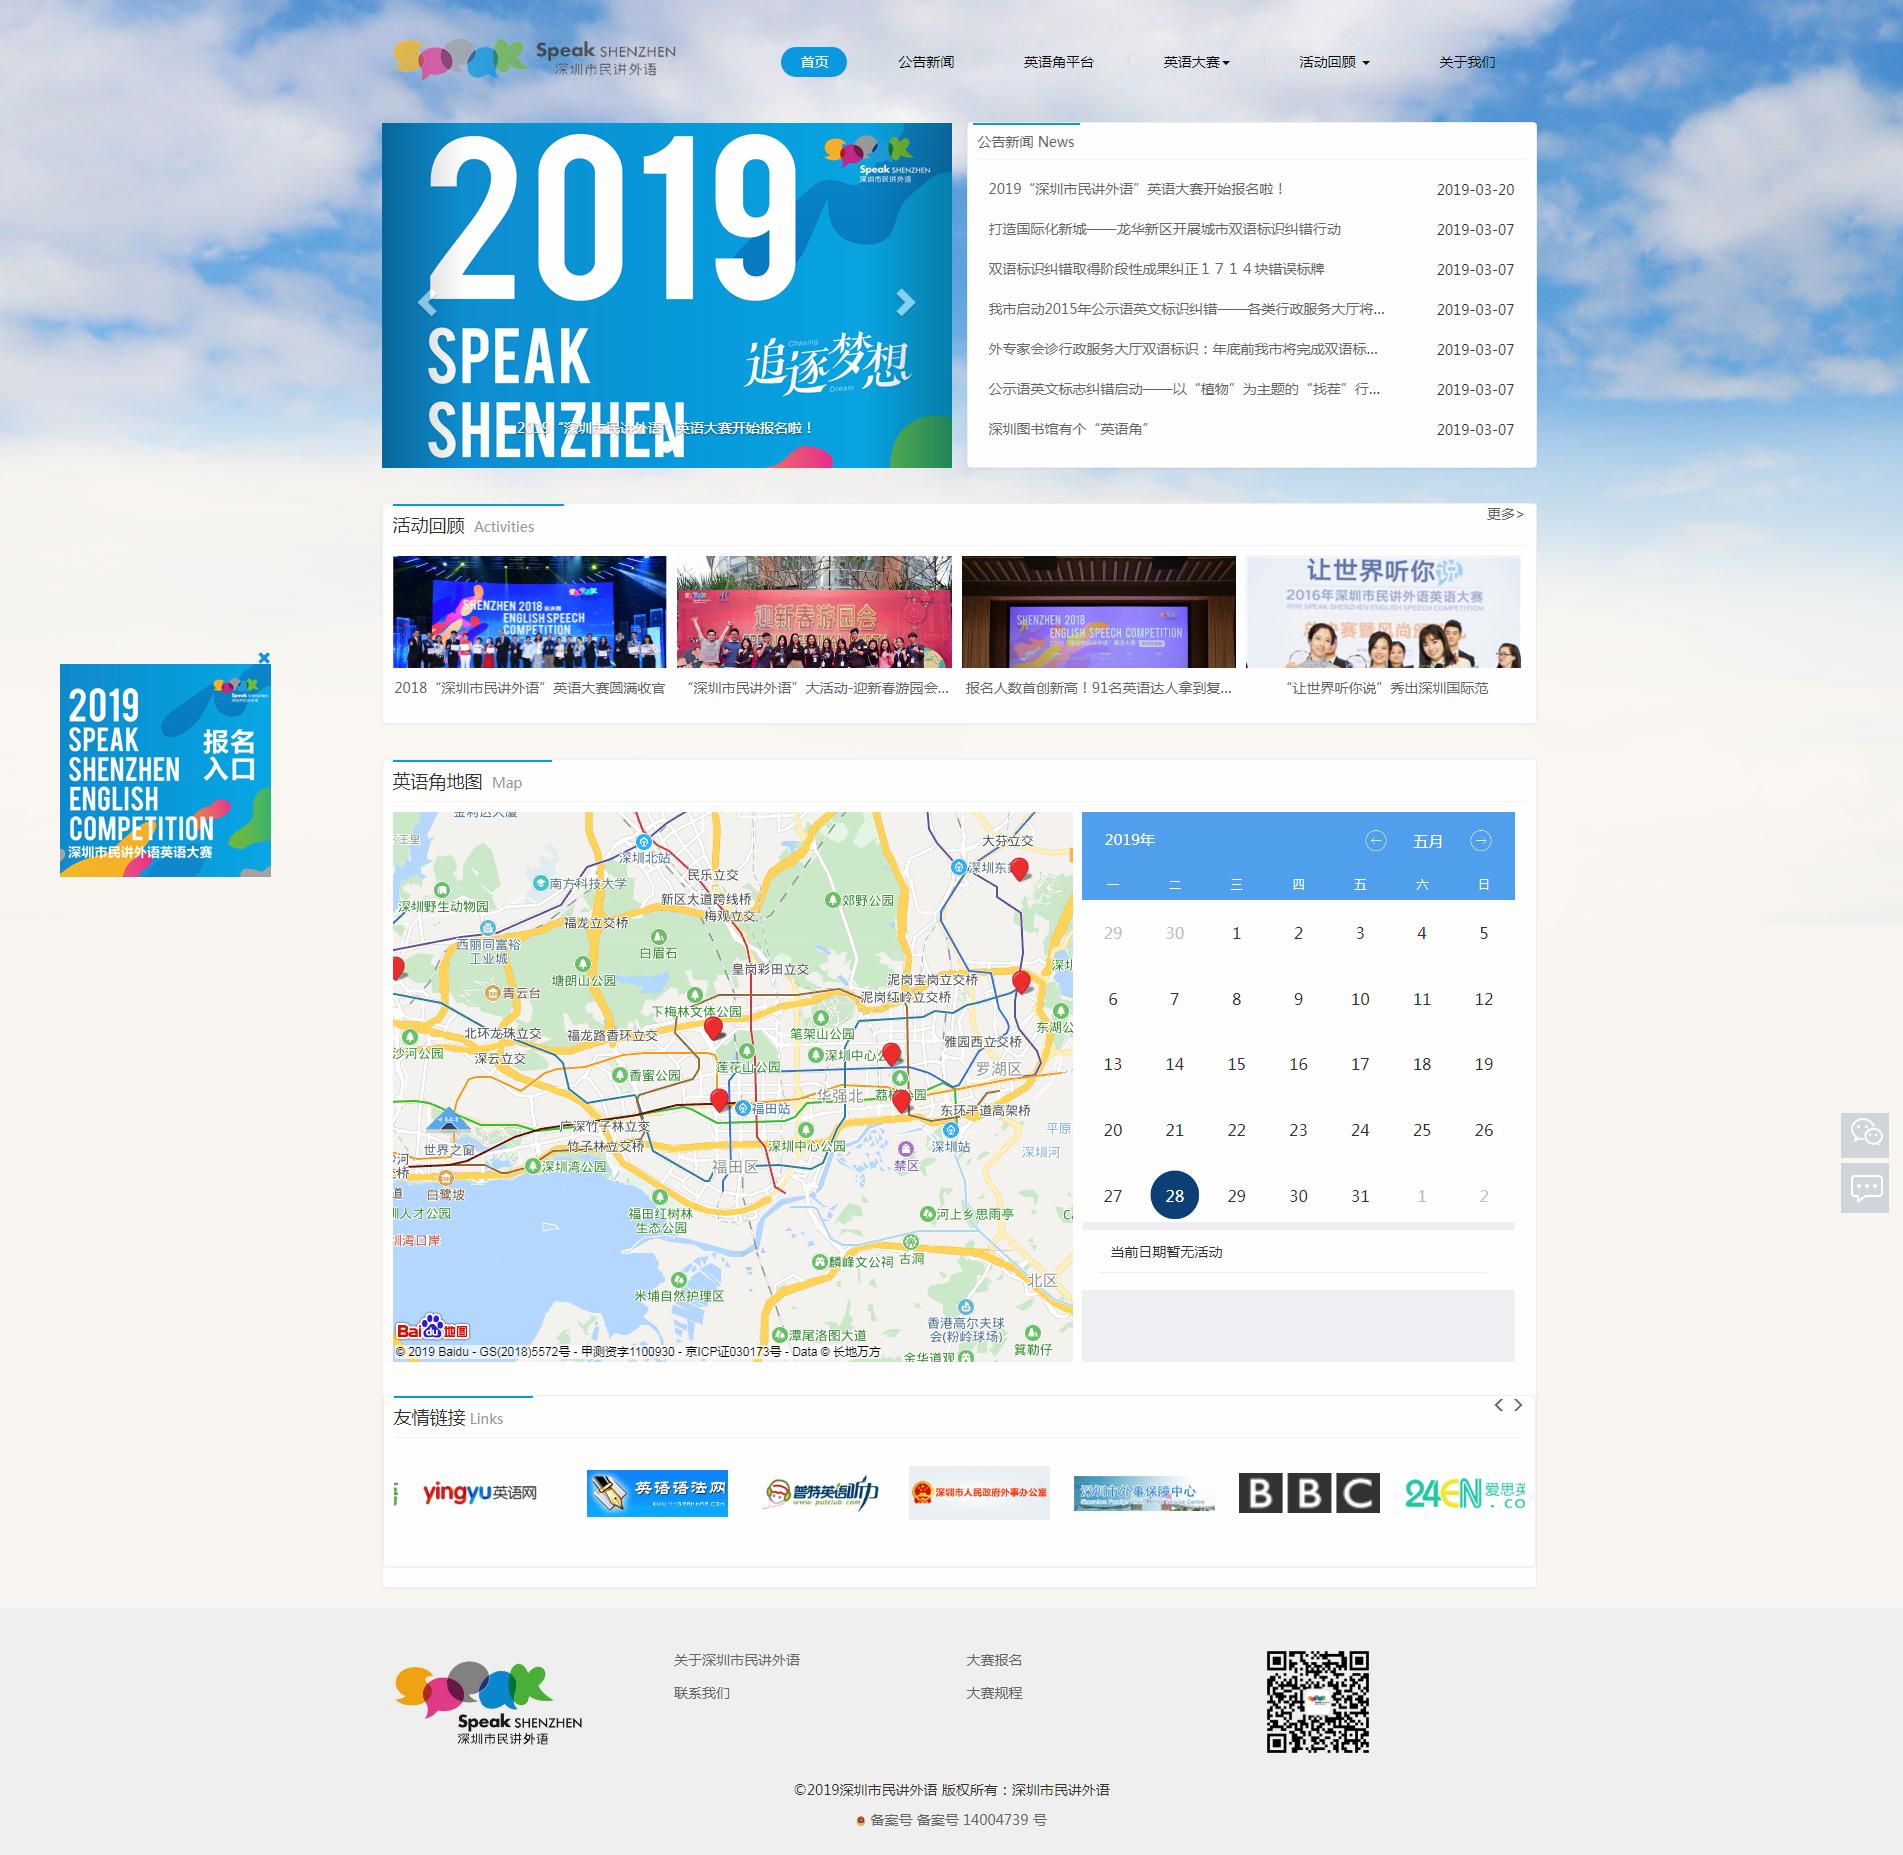 深圳市民学外语英语角平台-2019年-网站首页截图